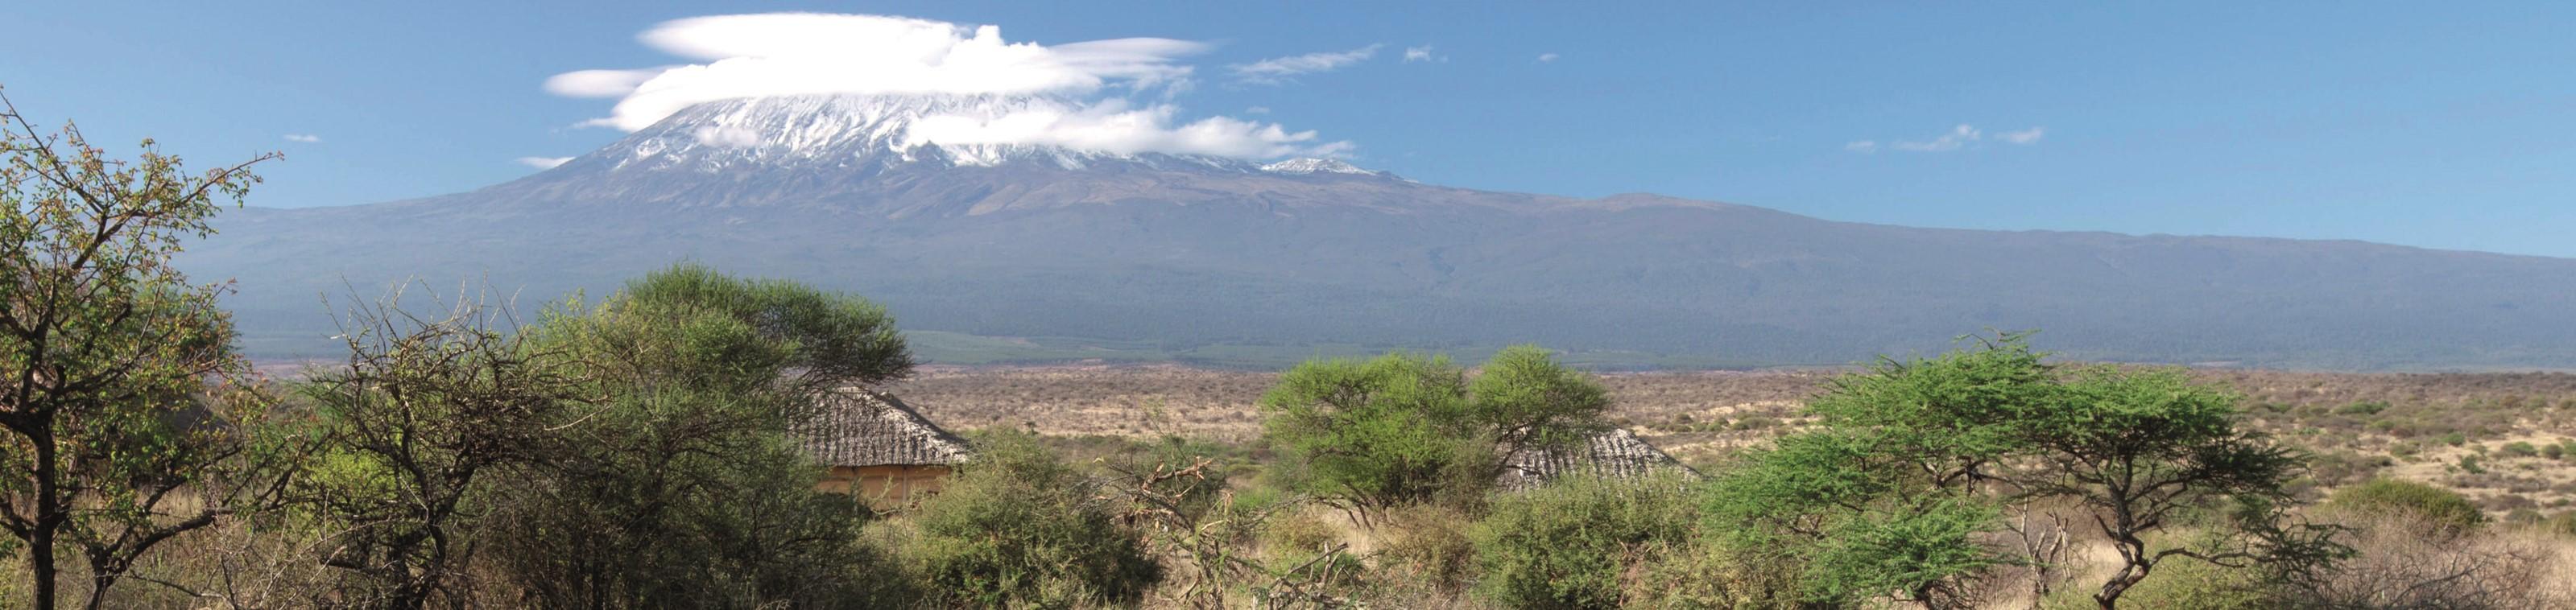 Rondreis Kenia: Nairobi - Mombasa